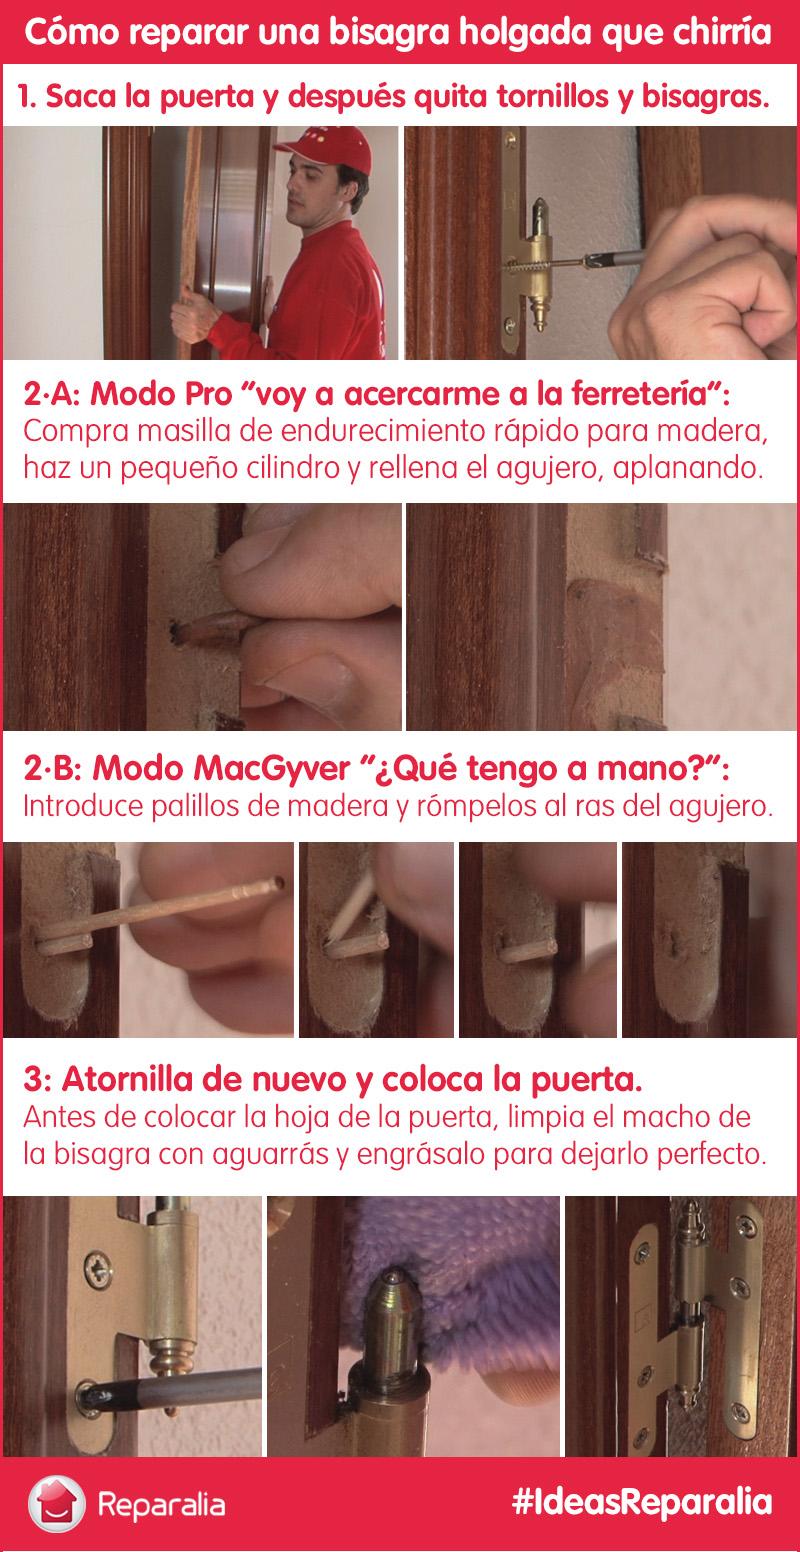 Meme Truco - cómo arreglar bisagras de las puertas - Blog Reparalia